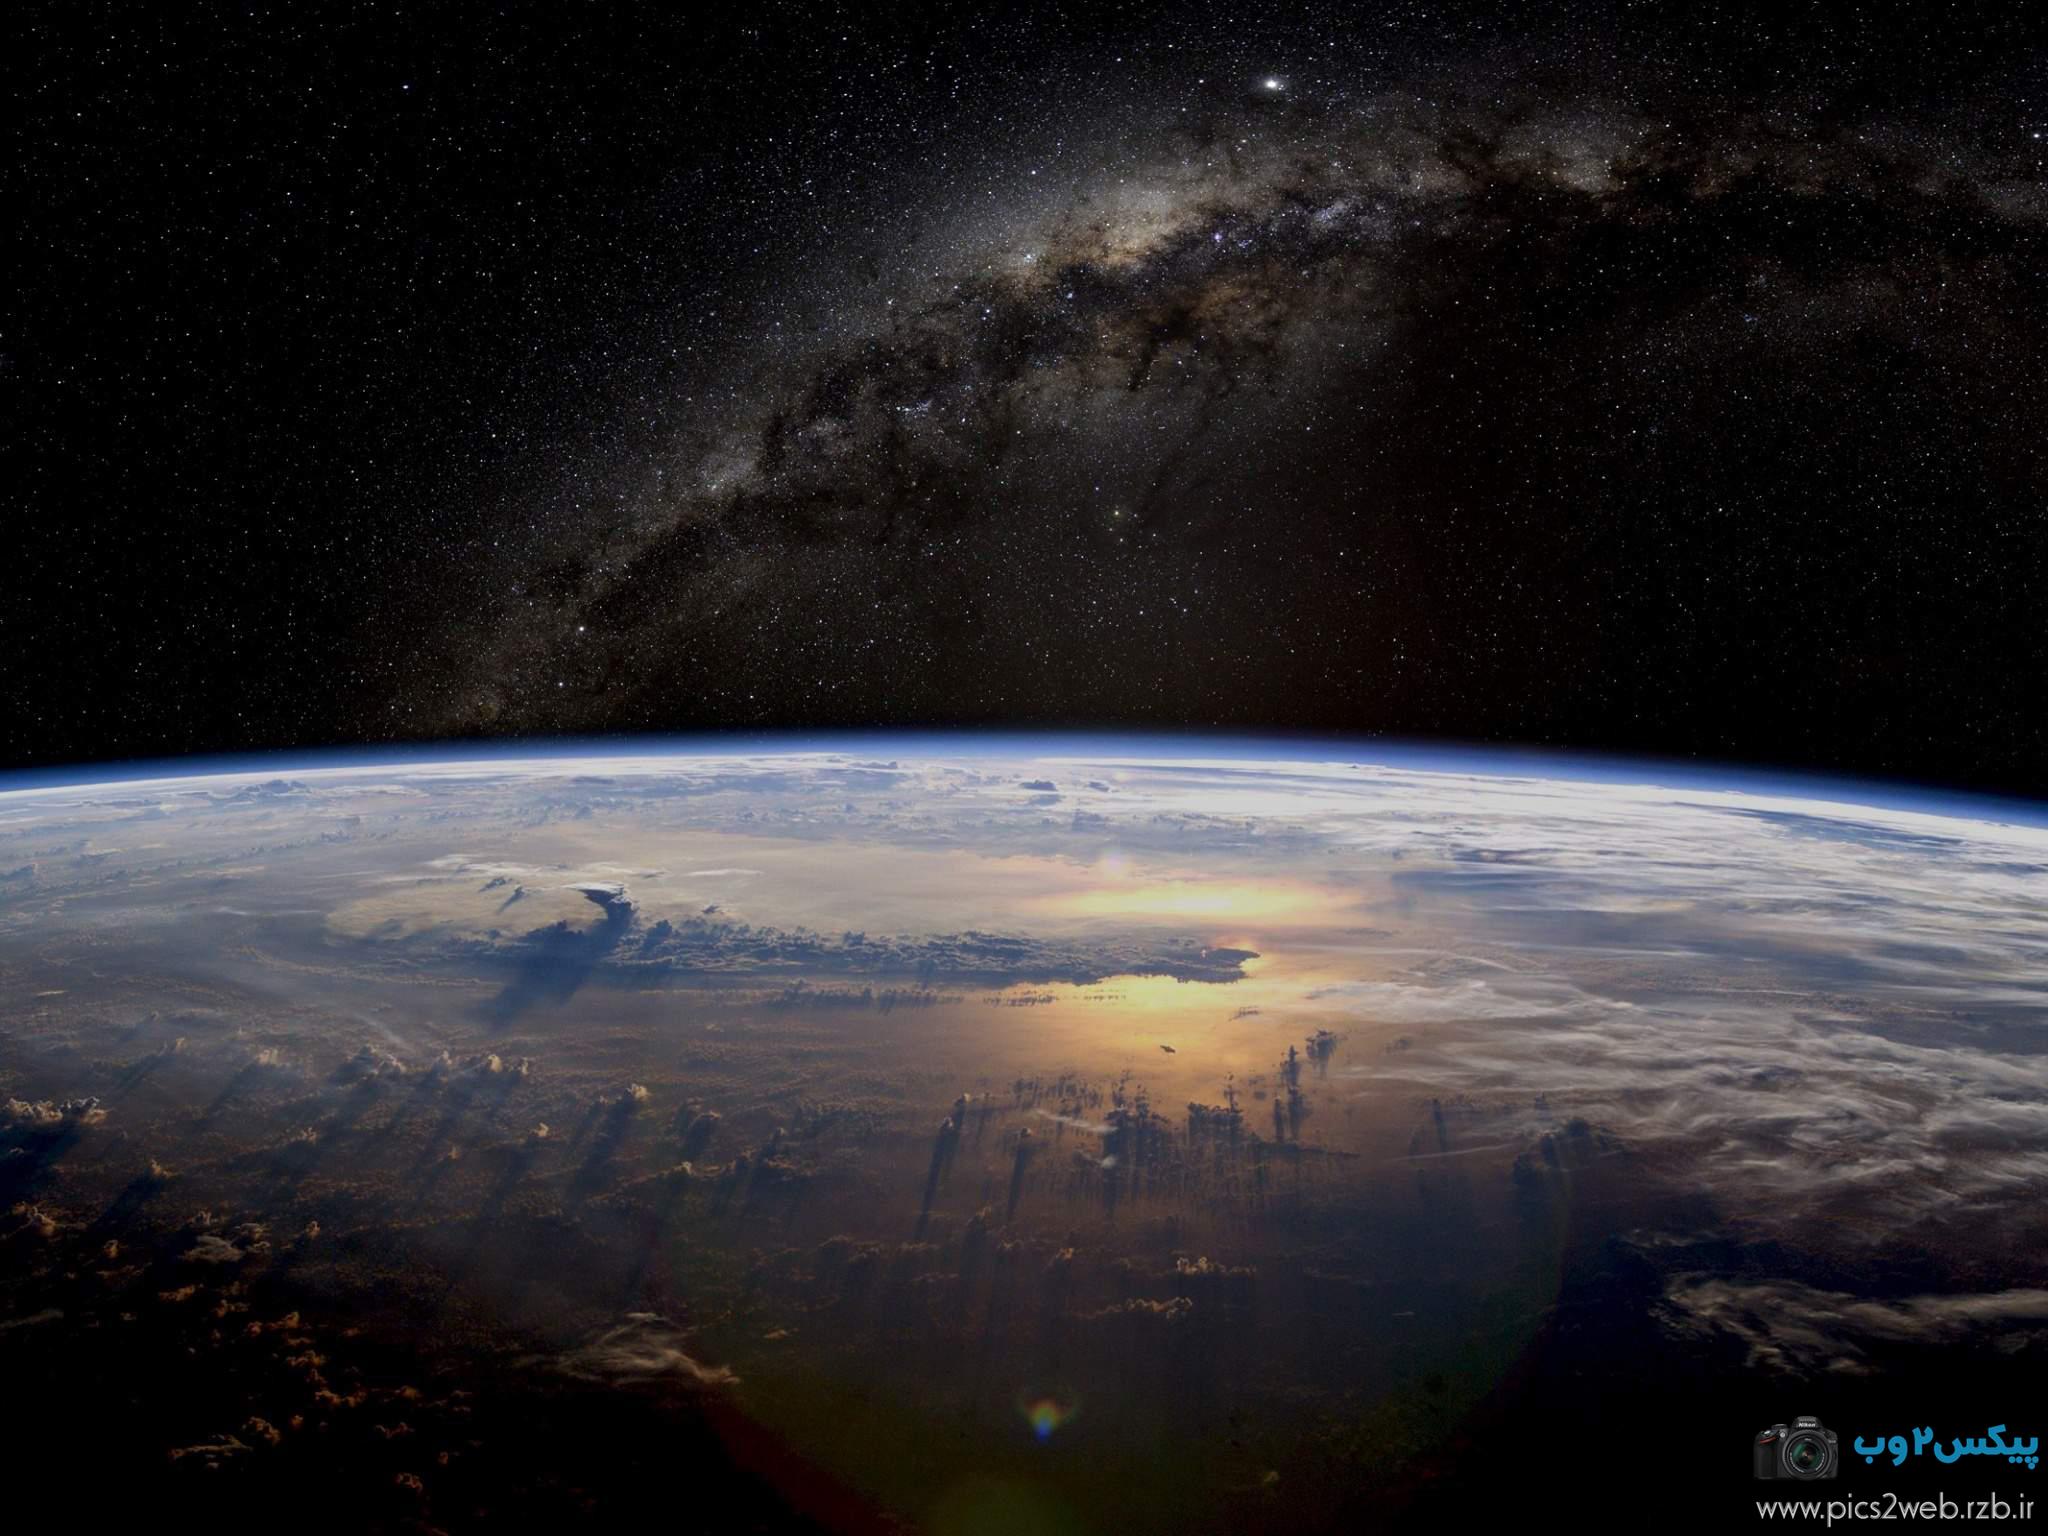 عکس زمین از نظر فضا